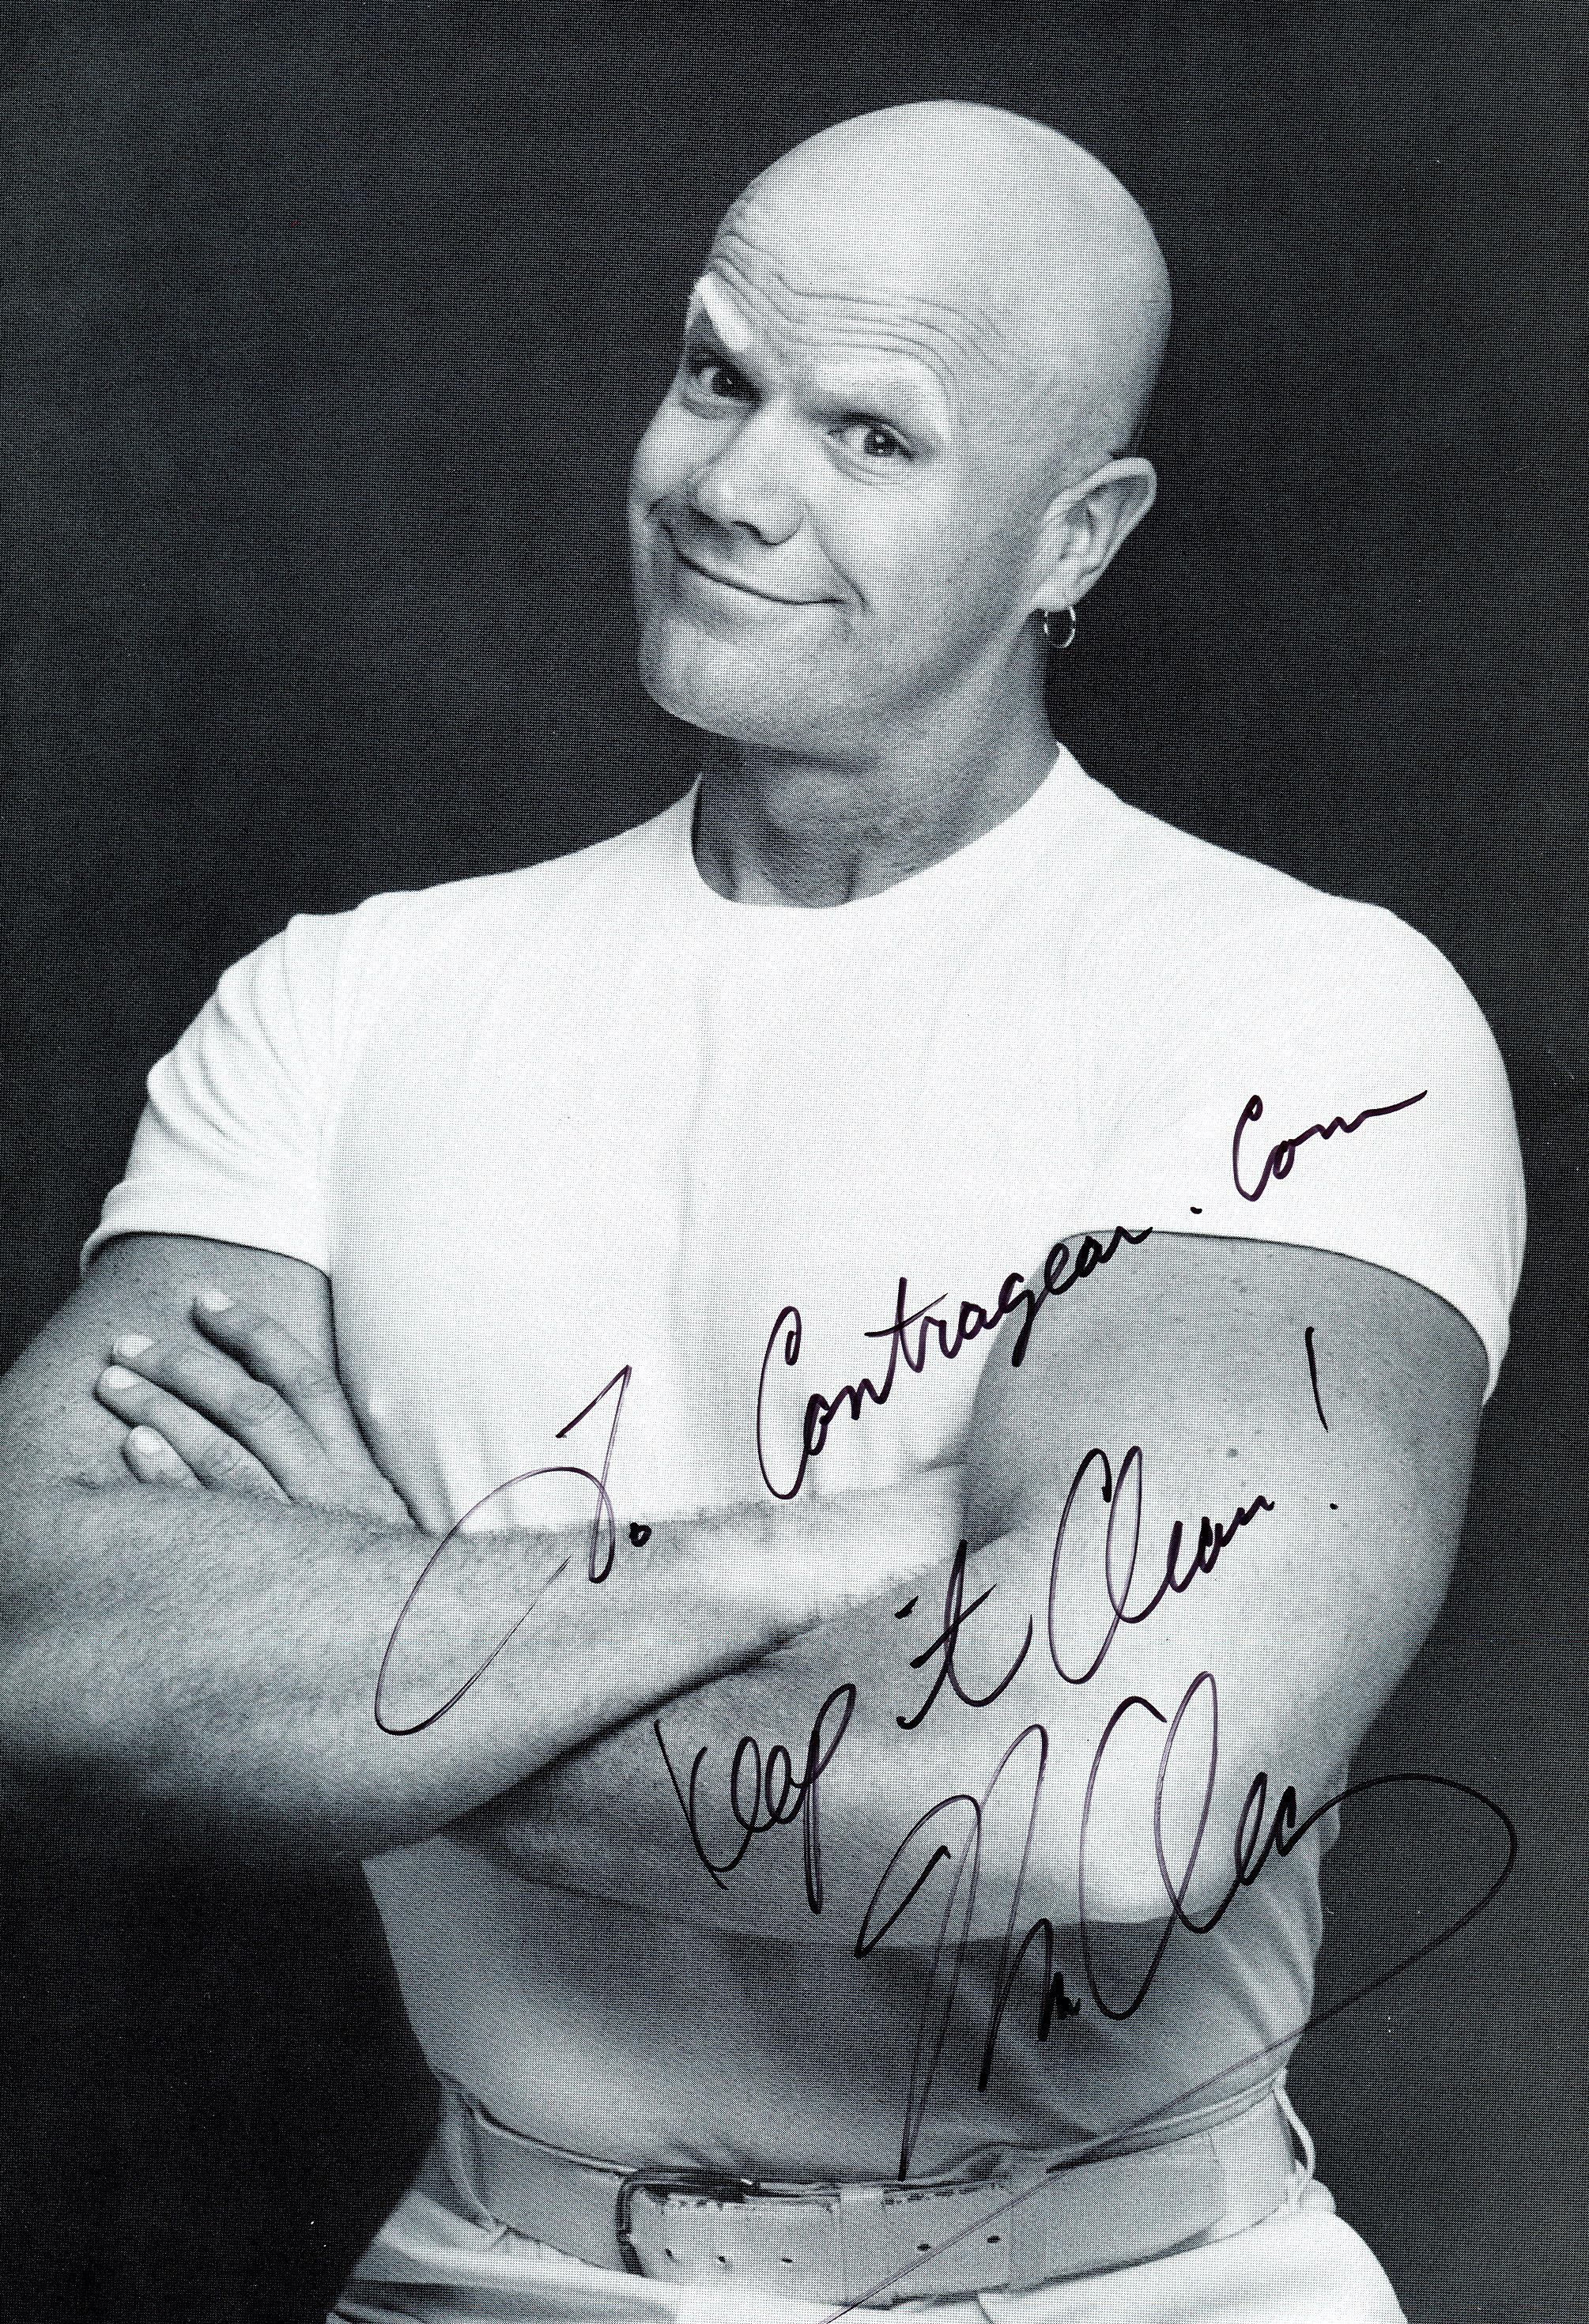 Mr. Clean Autograph